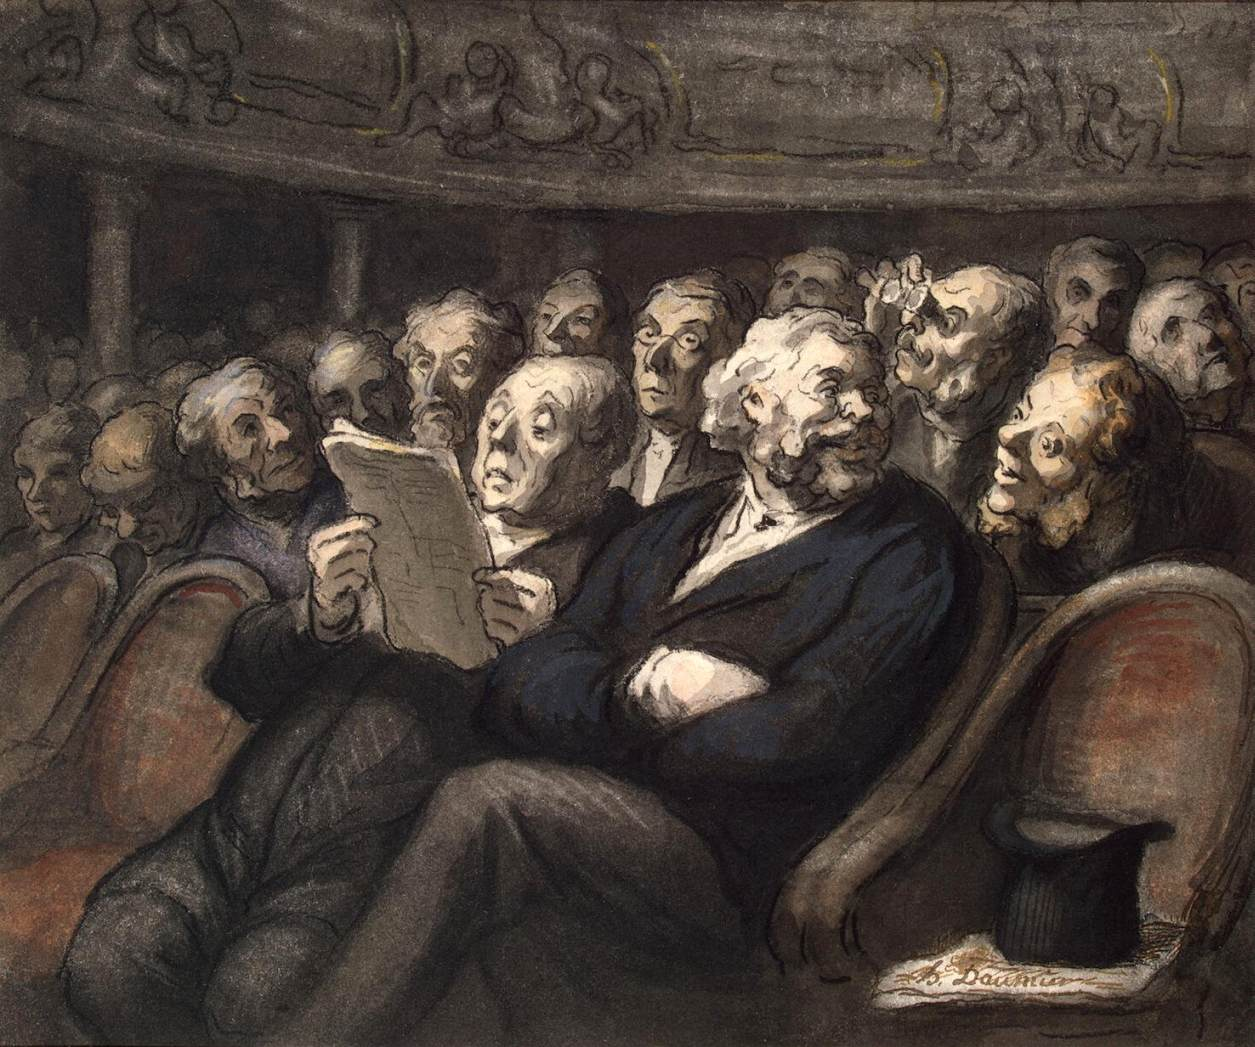 Daumier - Entracte à la Comédie Française